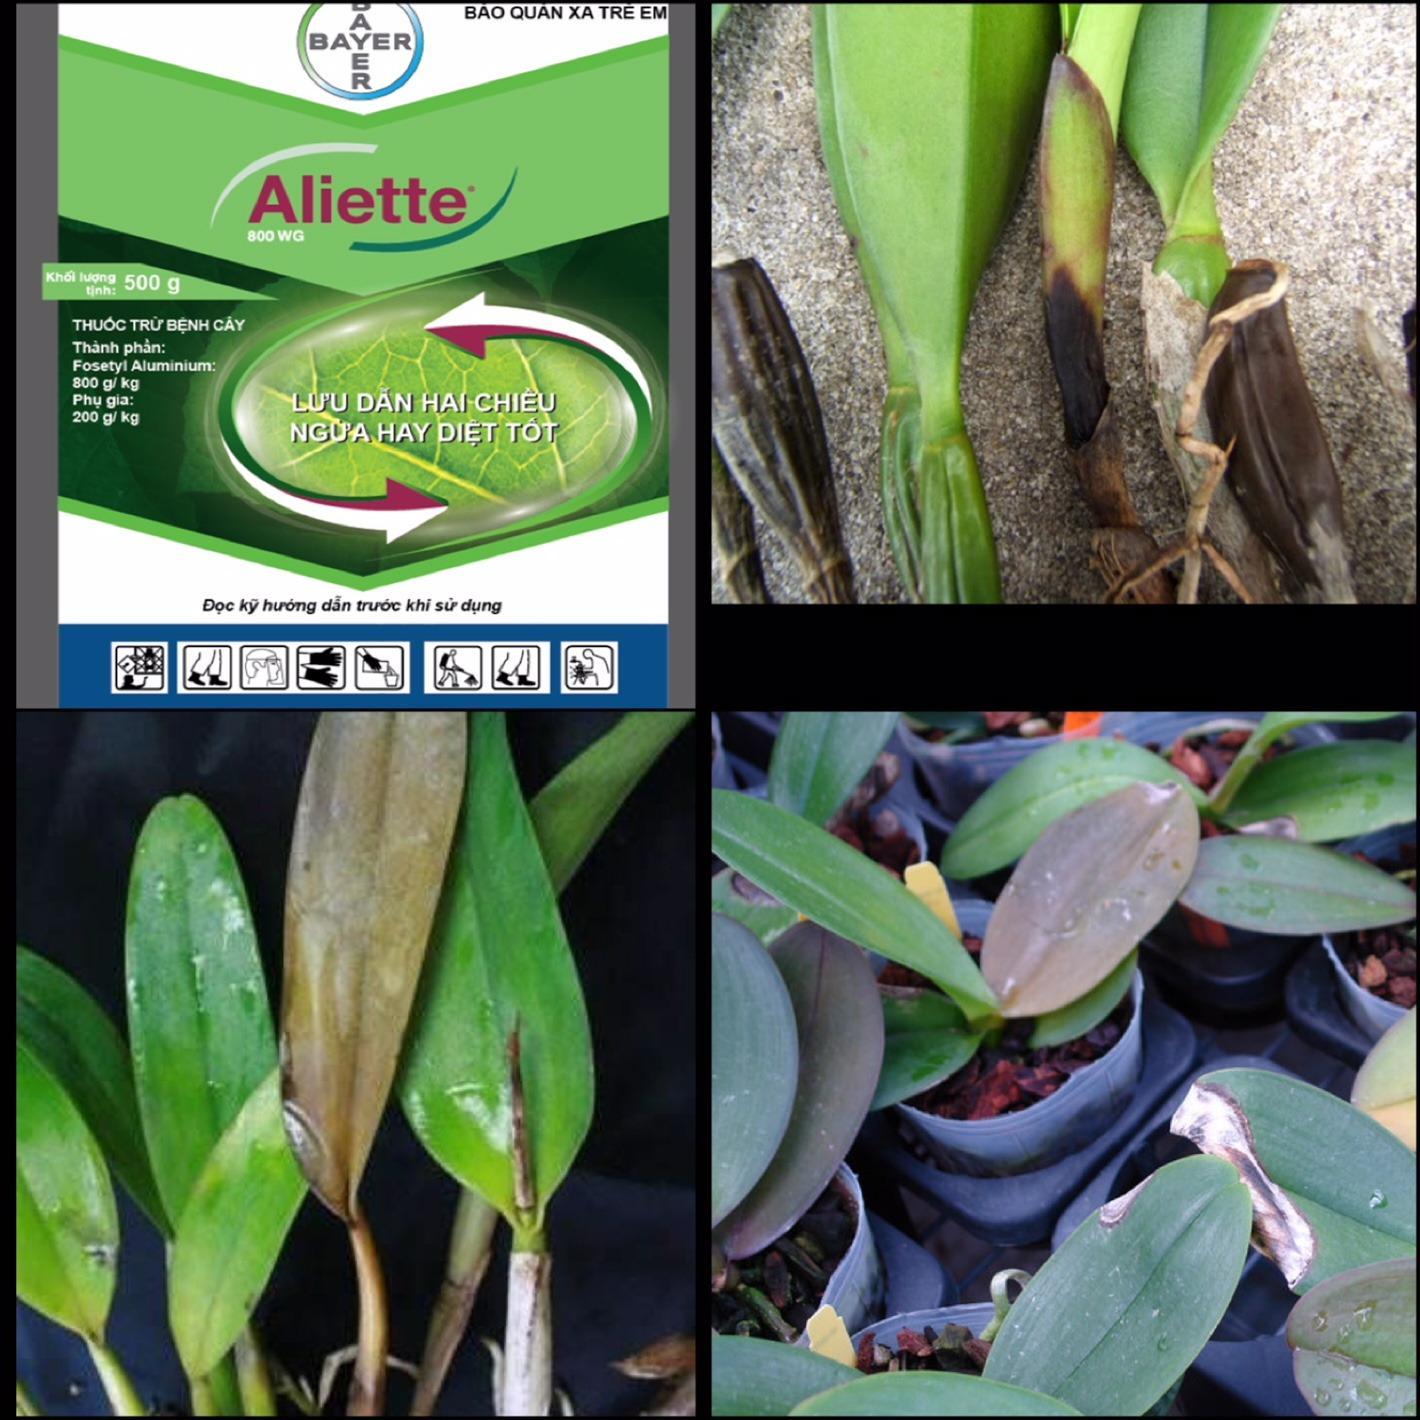 Hình ảnh Gói 100g thuốc đặc trị Vi Khuẩn hại Phong Lan, hoa kiểng ALIETTE 800WG